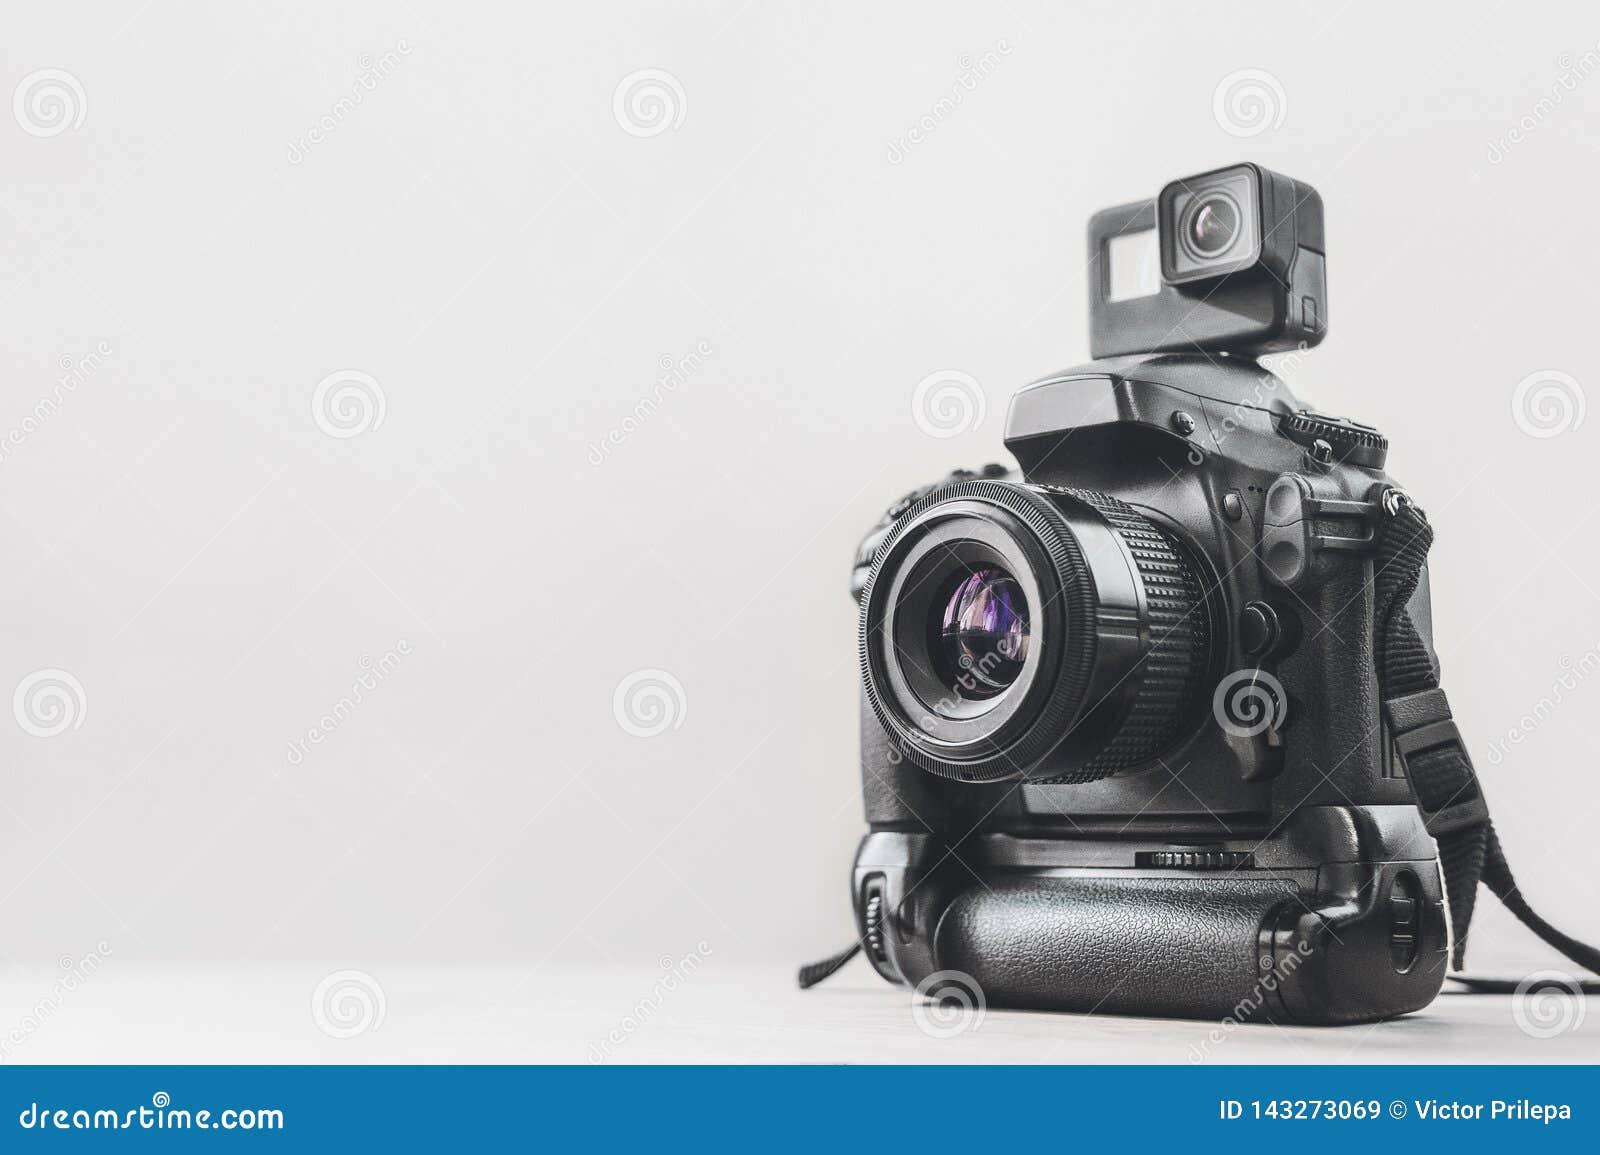 Handlingkamera med en yrkesmässig kamera på en vit bakgrund